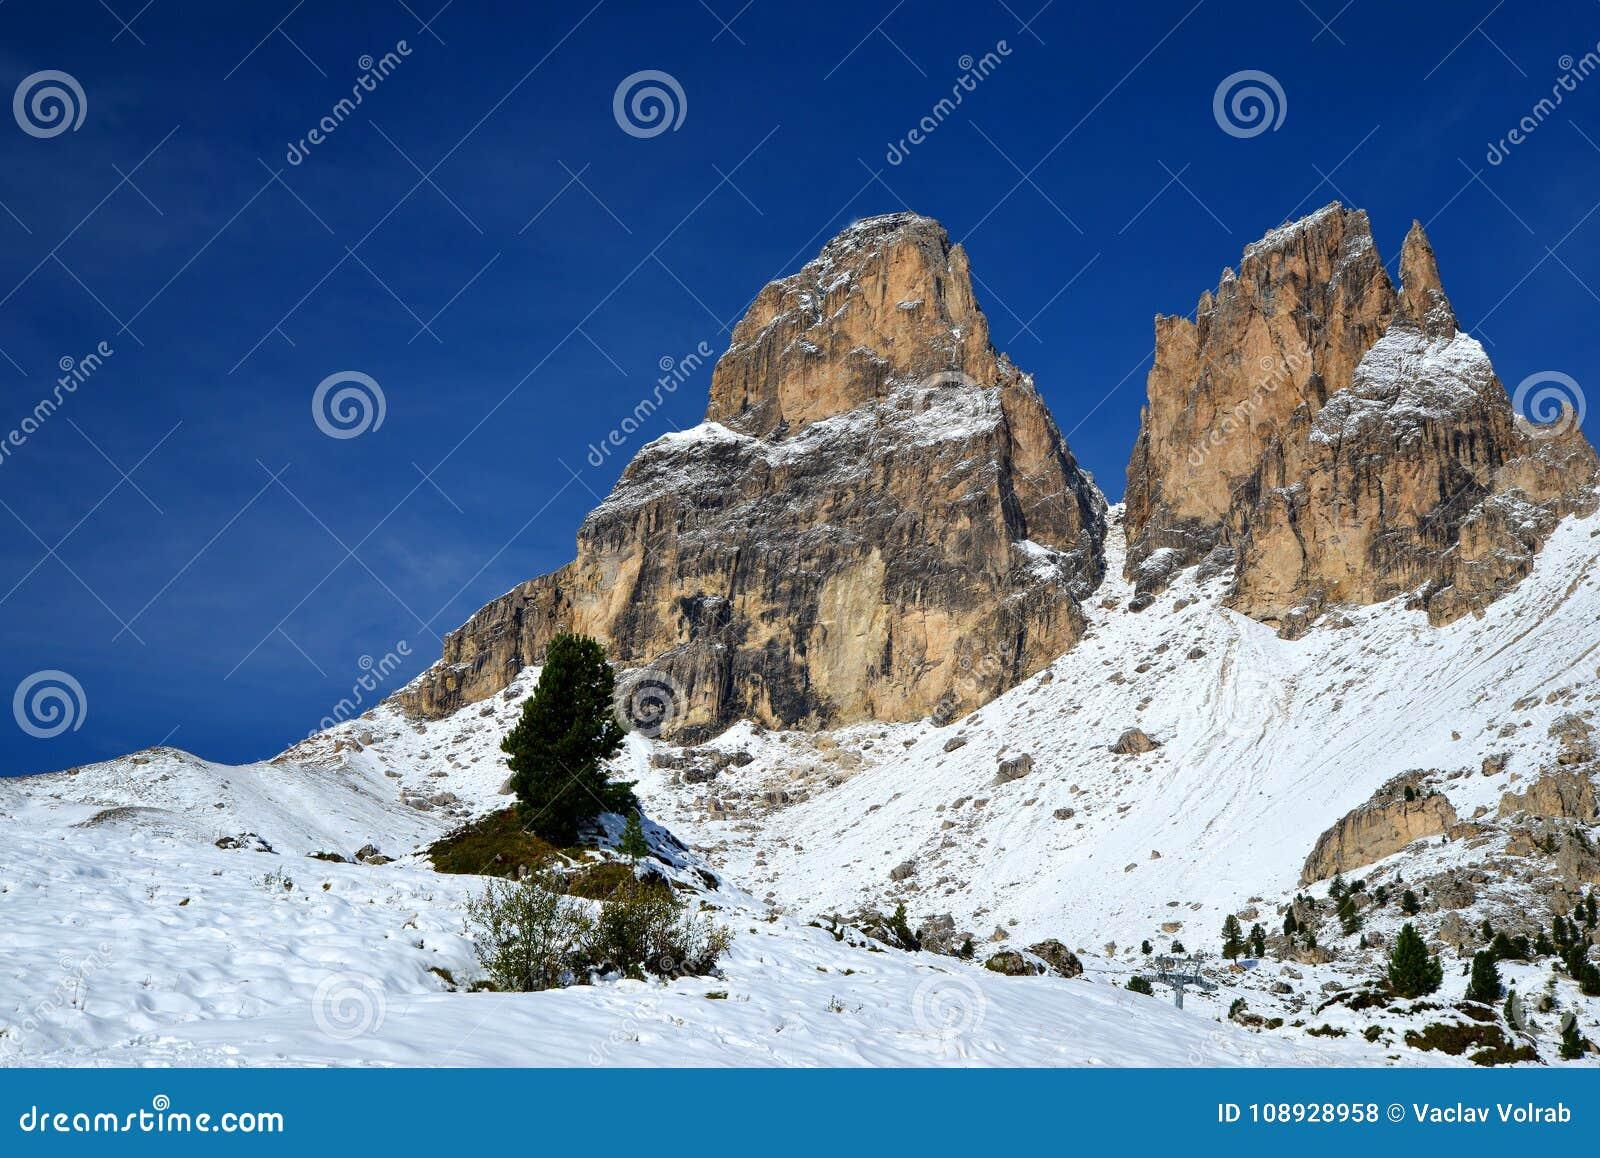 Grupo Sassolungo Langkofel da montanha Tirol sul, Itália